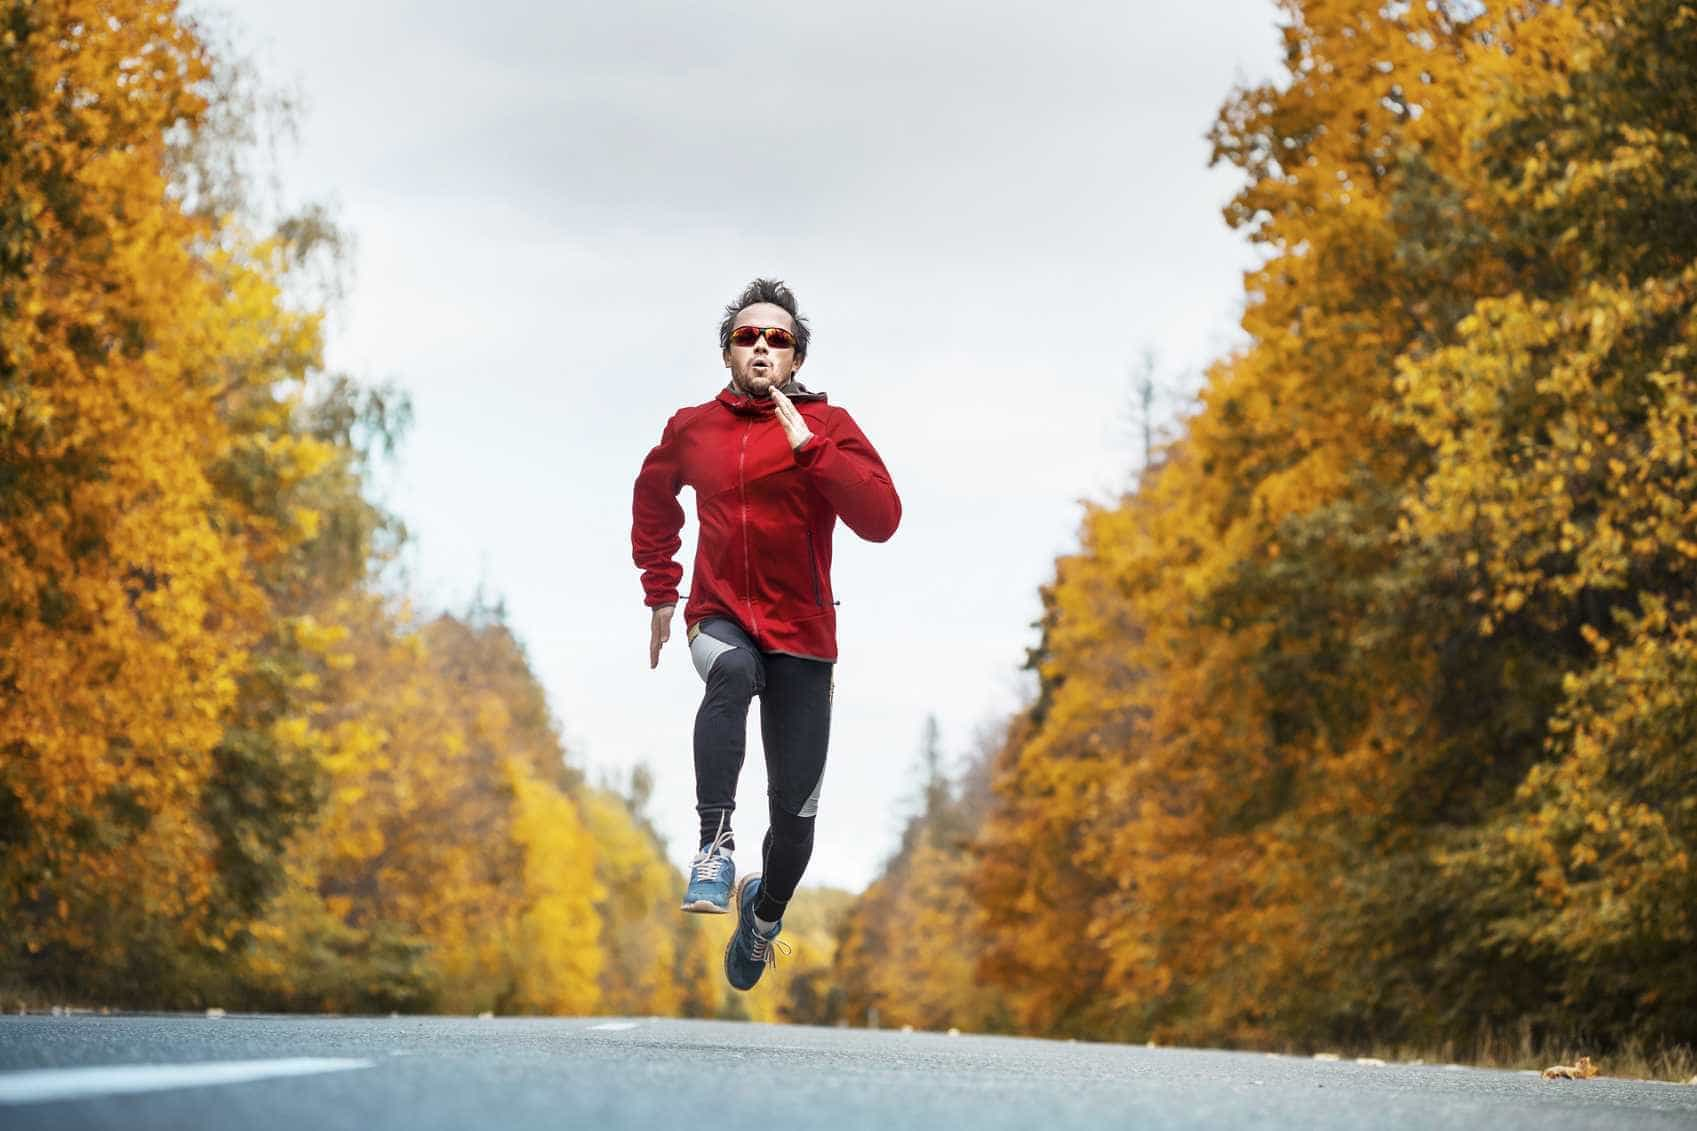 Preparação para a Meia Maratona: Depois do ritmo, treinemos velocidade